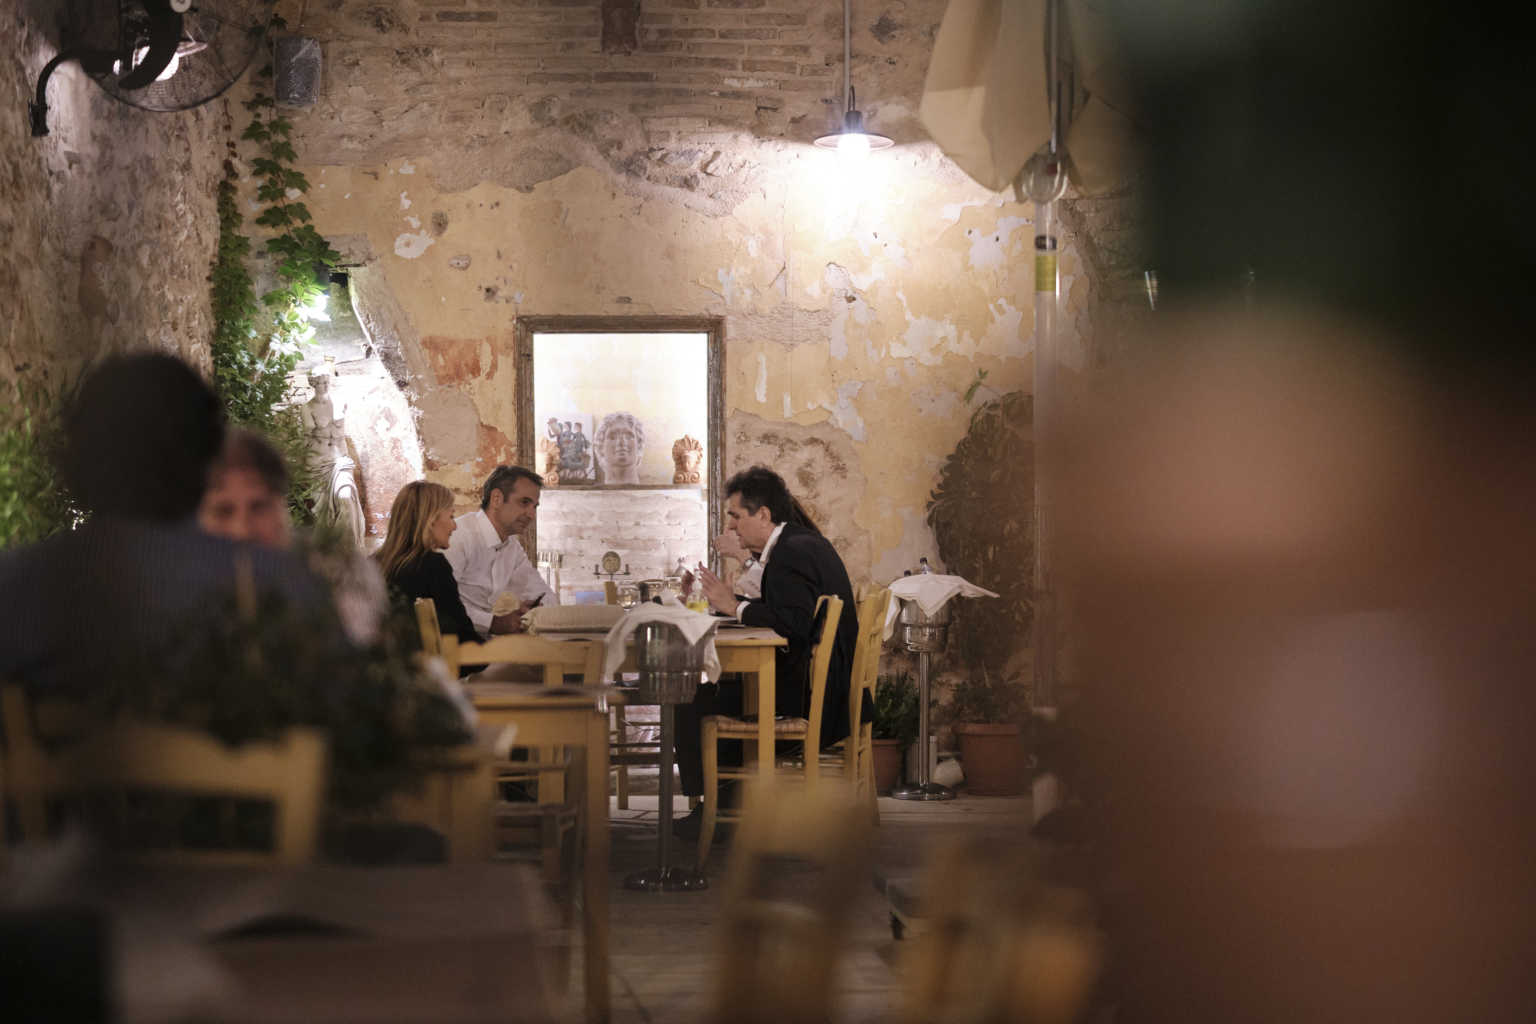 Ο Μητσοτάκης και η Σακελλαροπούλου πήγαν για φαγητό σε κουτουκι της κακιάς ώρας. Δείτε πλάνα και φωτογραφίες.